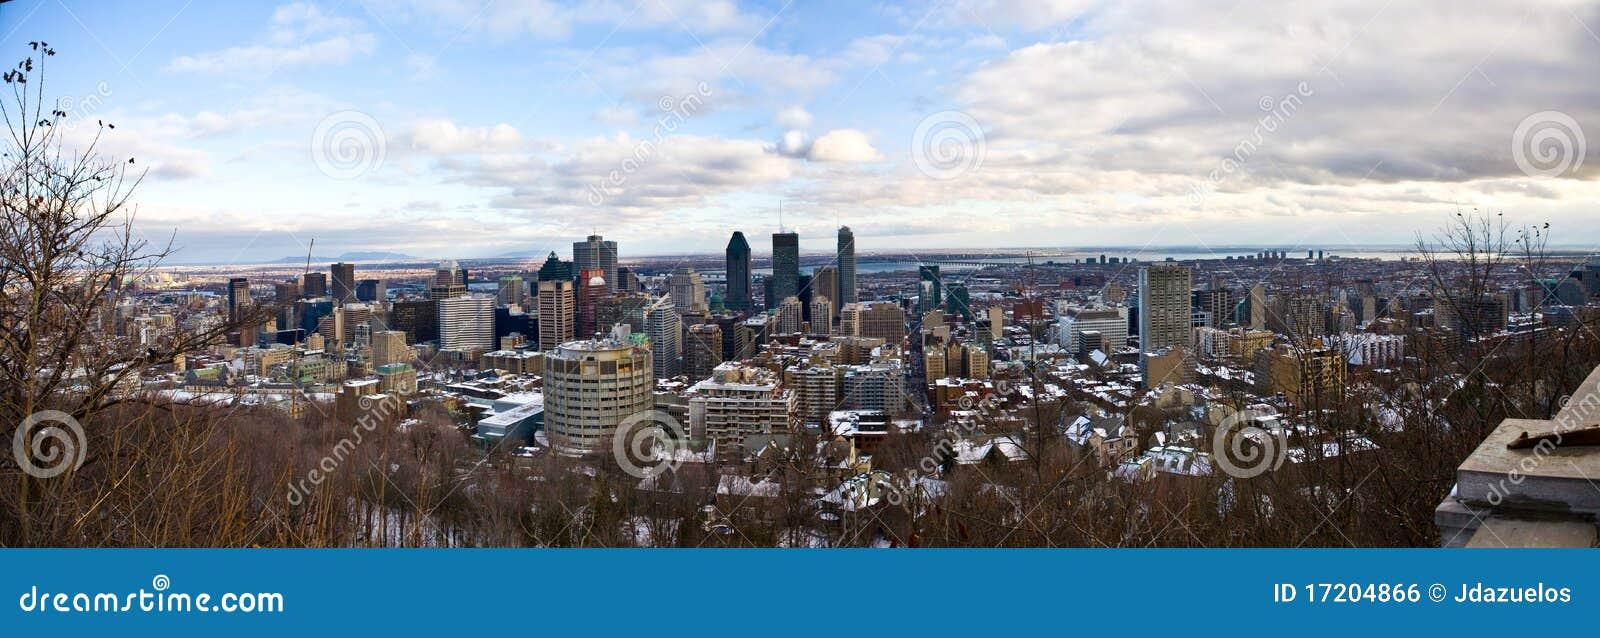 городской взгляд montreal панорамный